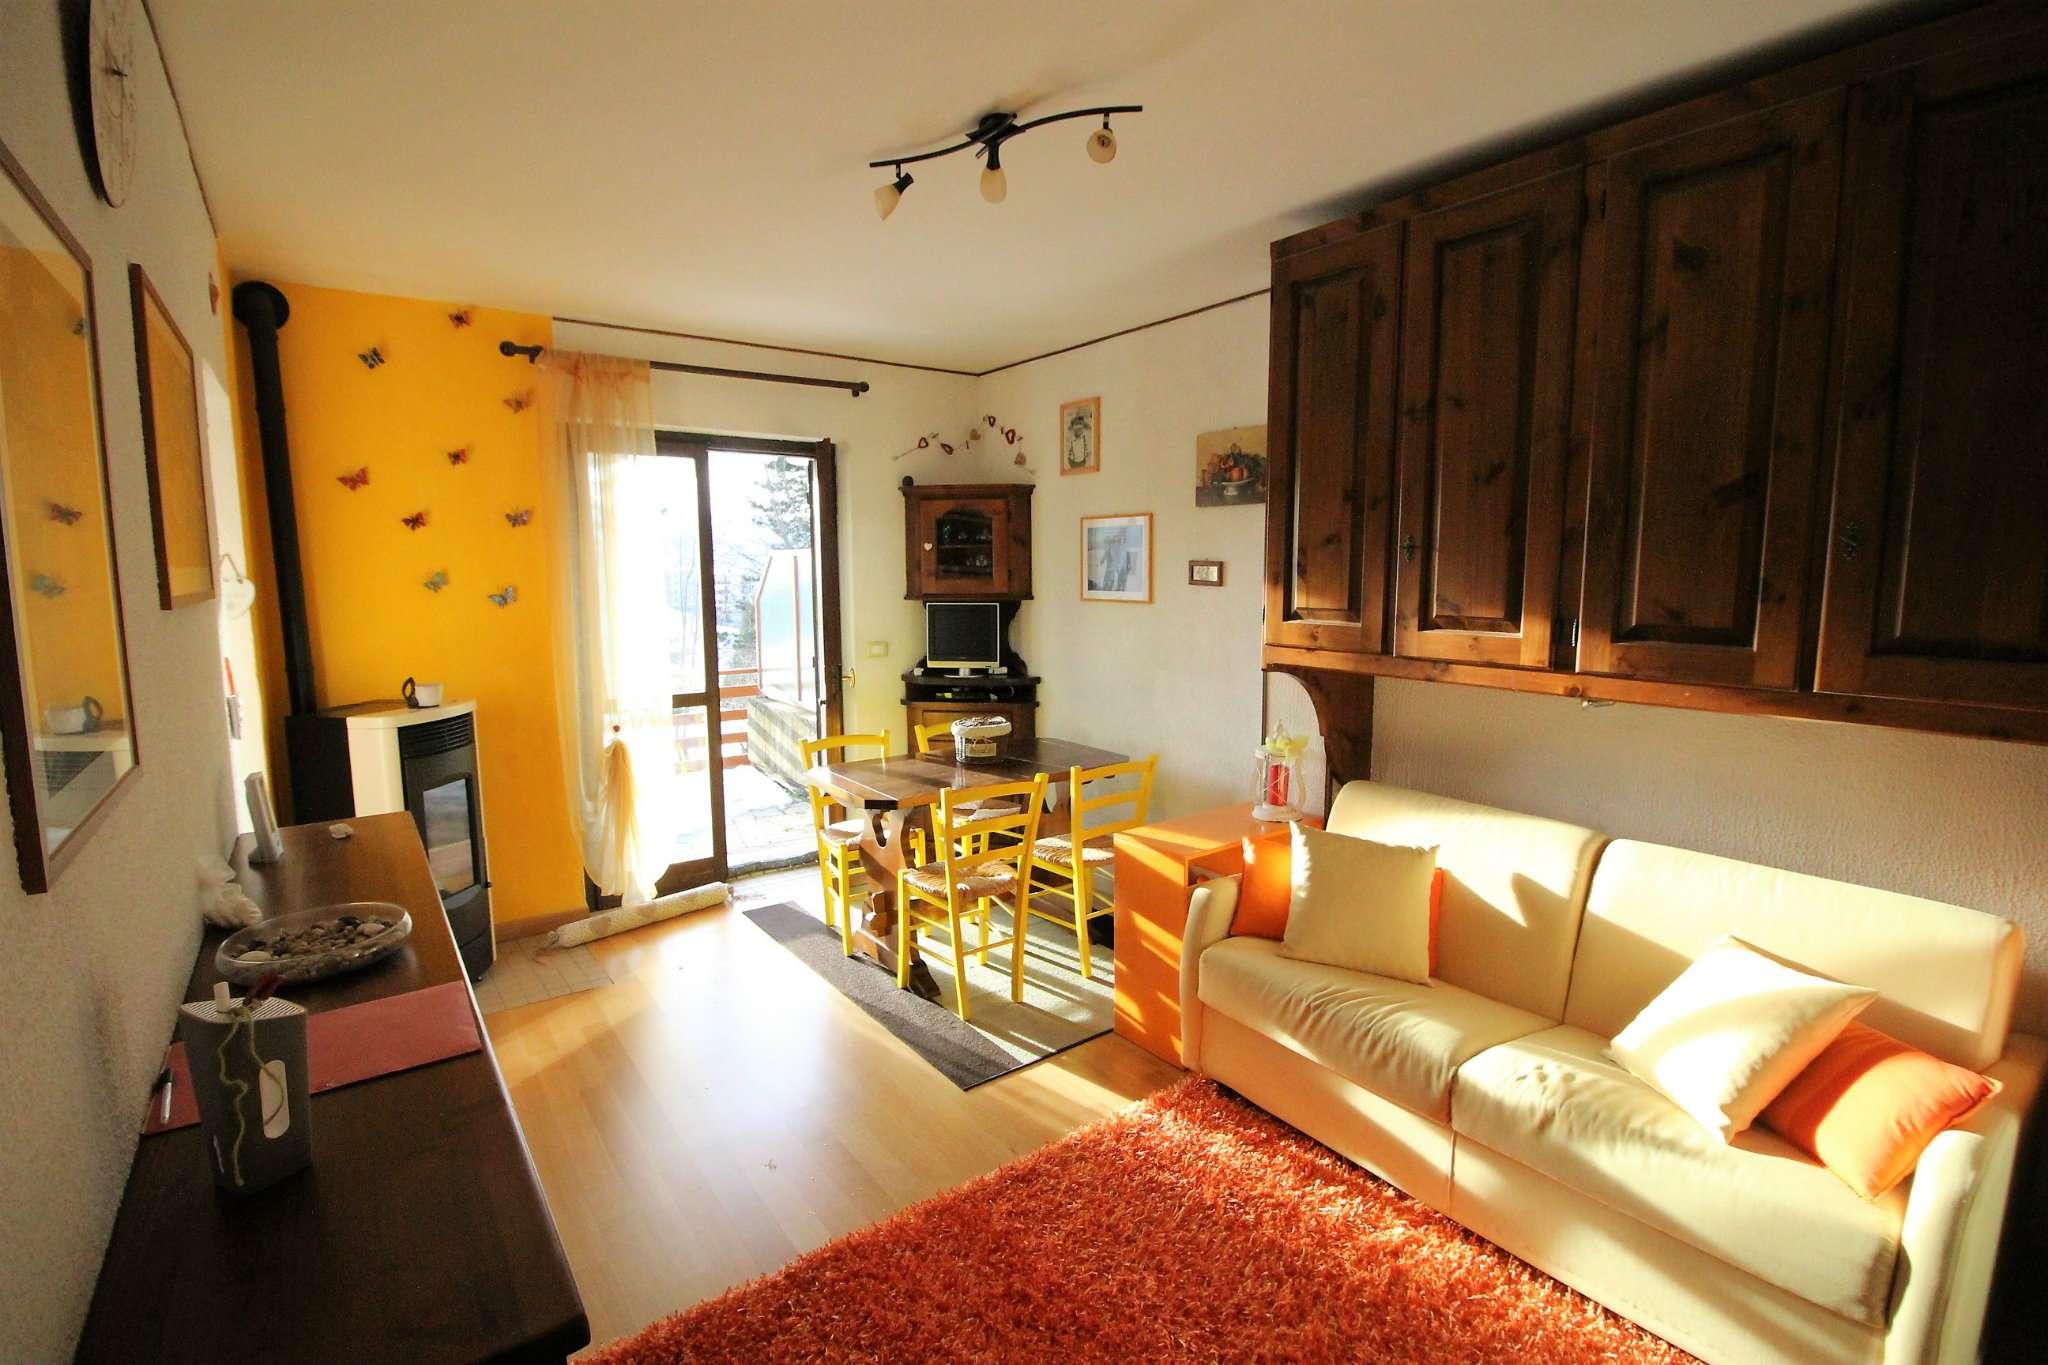 Appartamento in vendita a Roburent, 1 locali, prezzo € 55.000 | CambioCasa.it